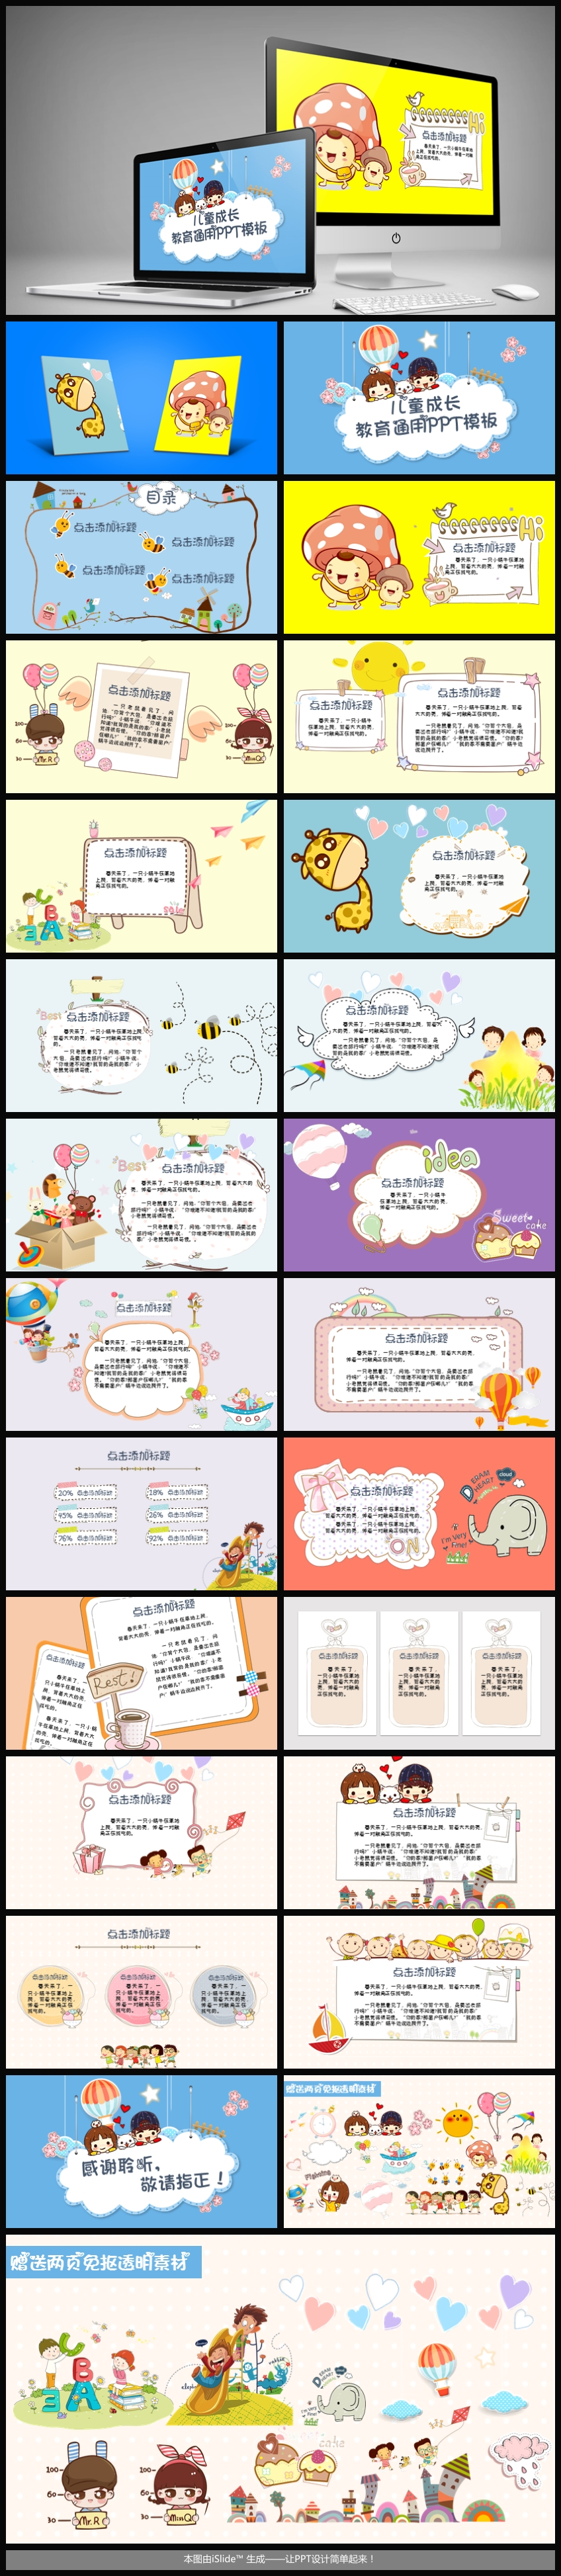 """ppt模板【可爱卡通】儿童成长教育通用PPT模板免费"""""""